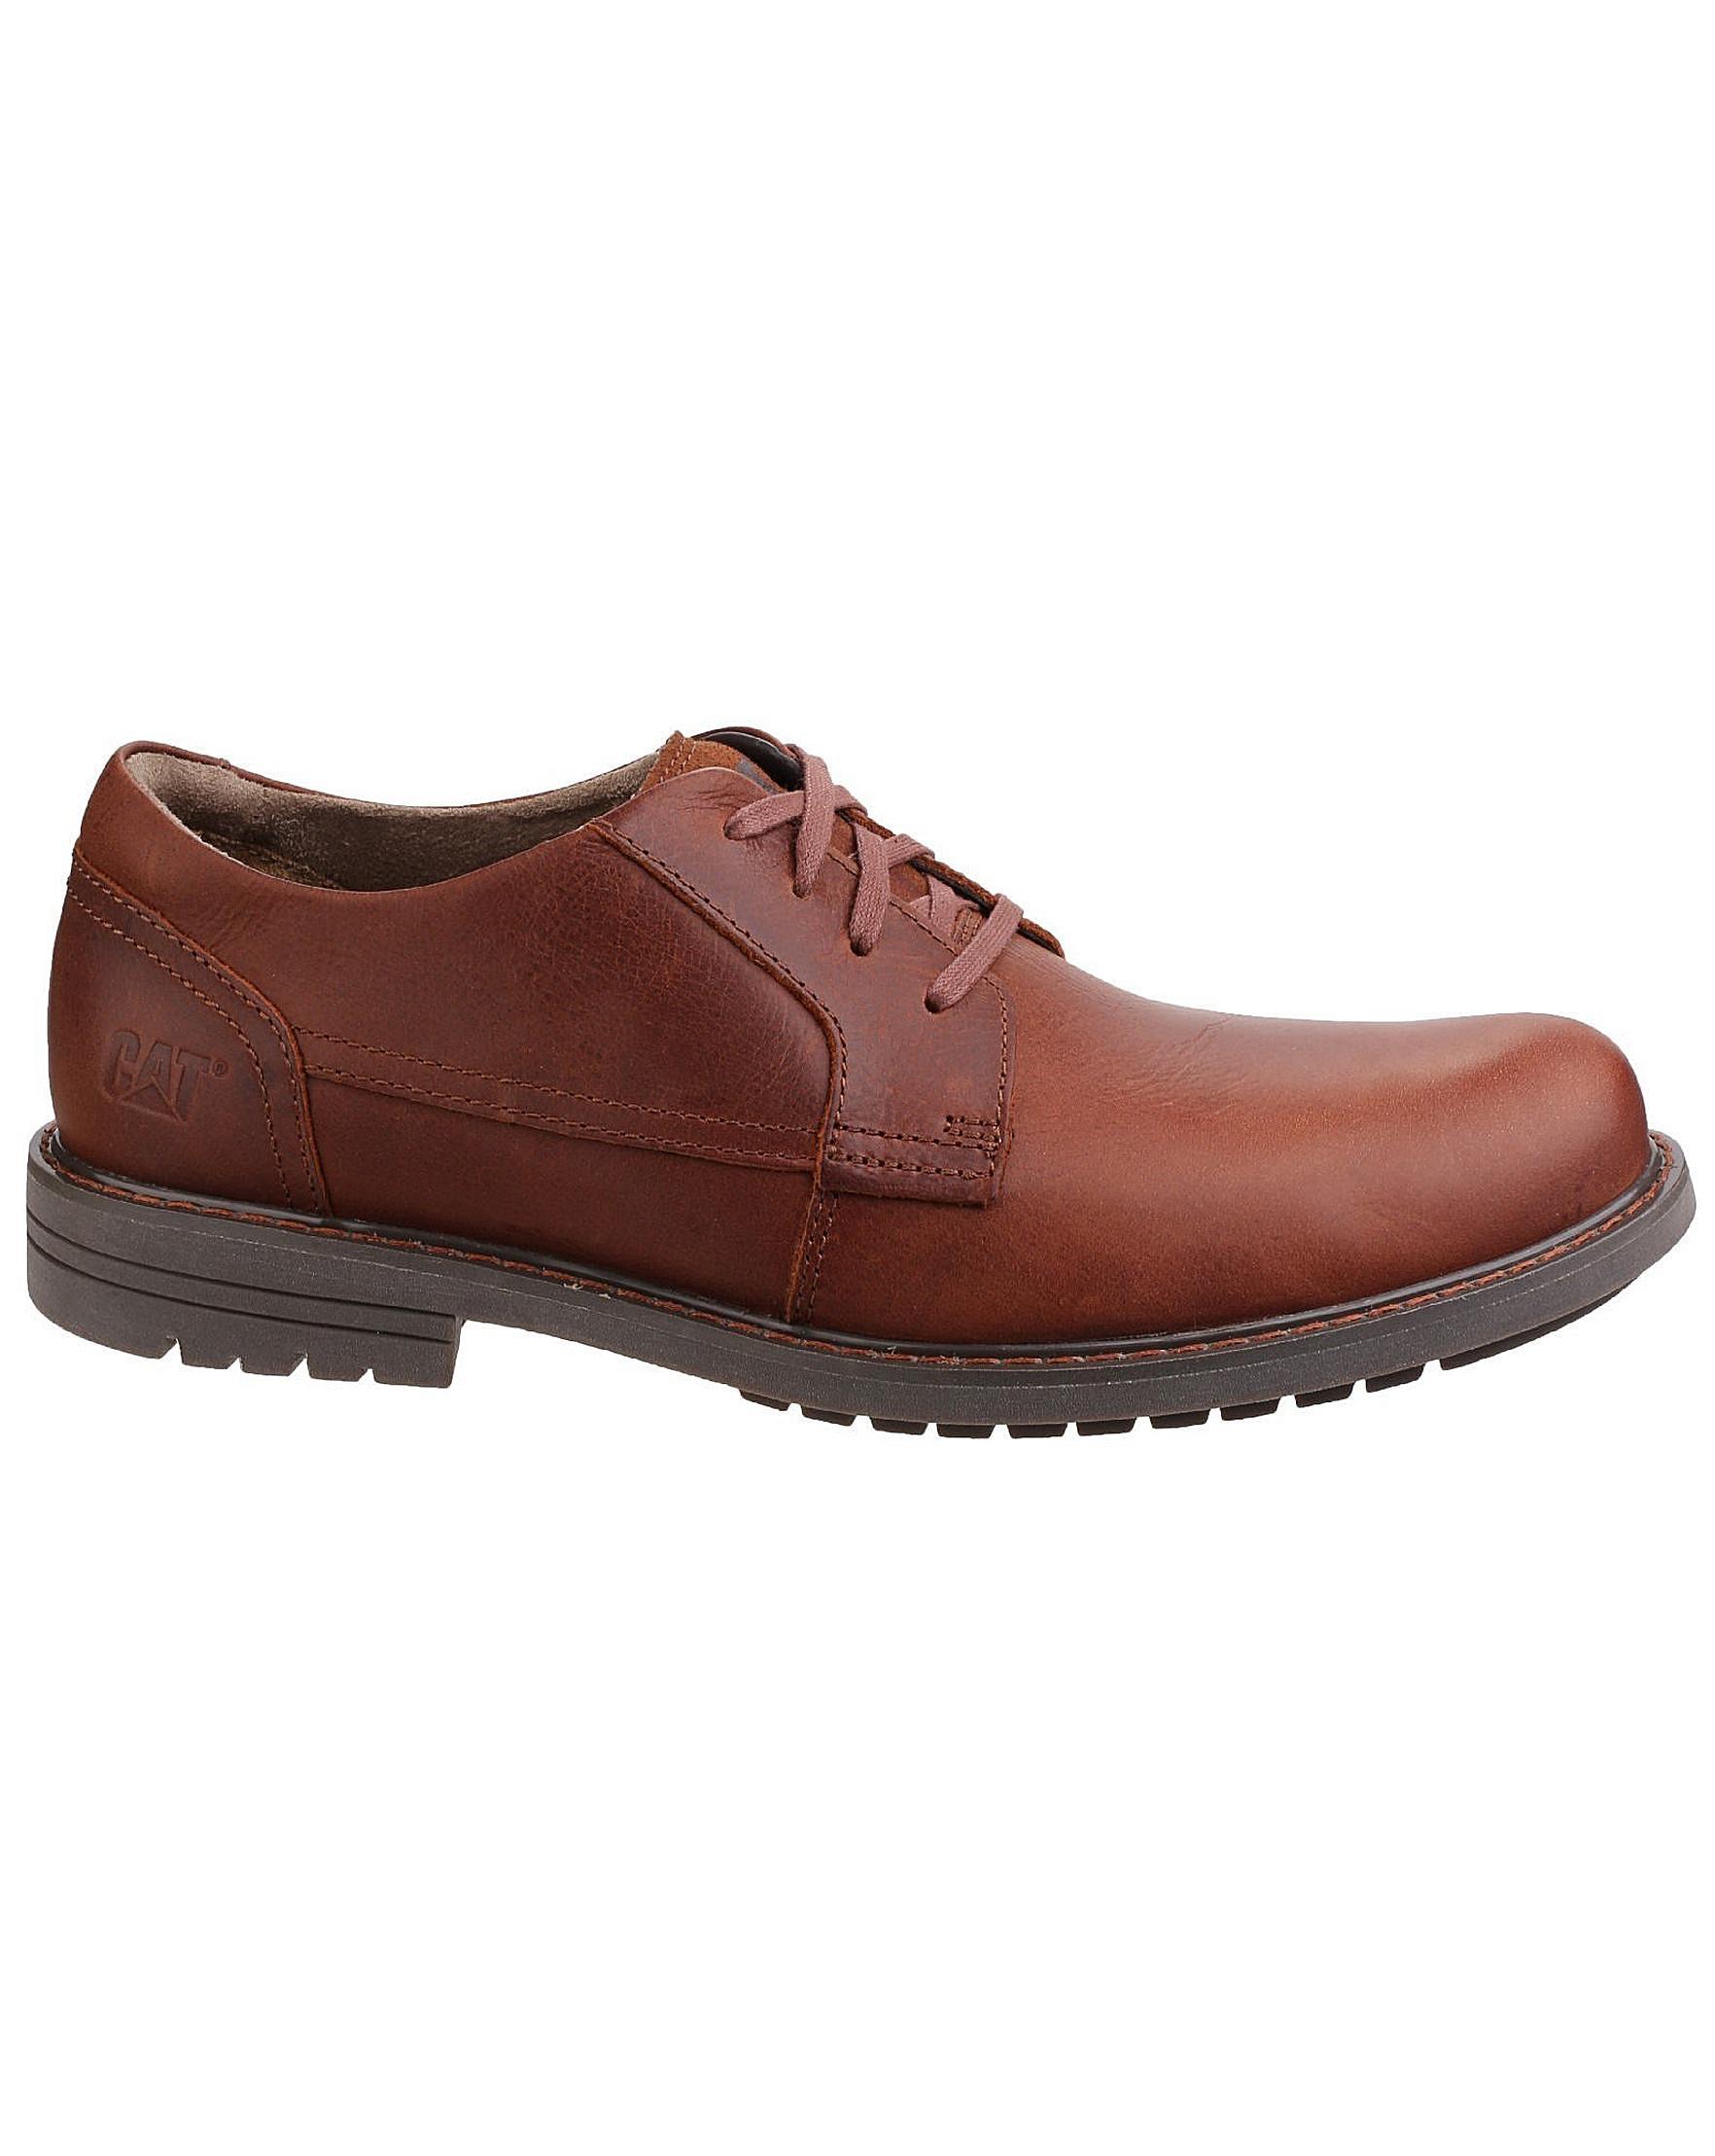 e12b43921a63d Caterpillar Cason Shoe in Brown for Men - Lyst